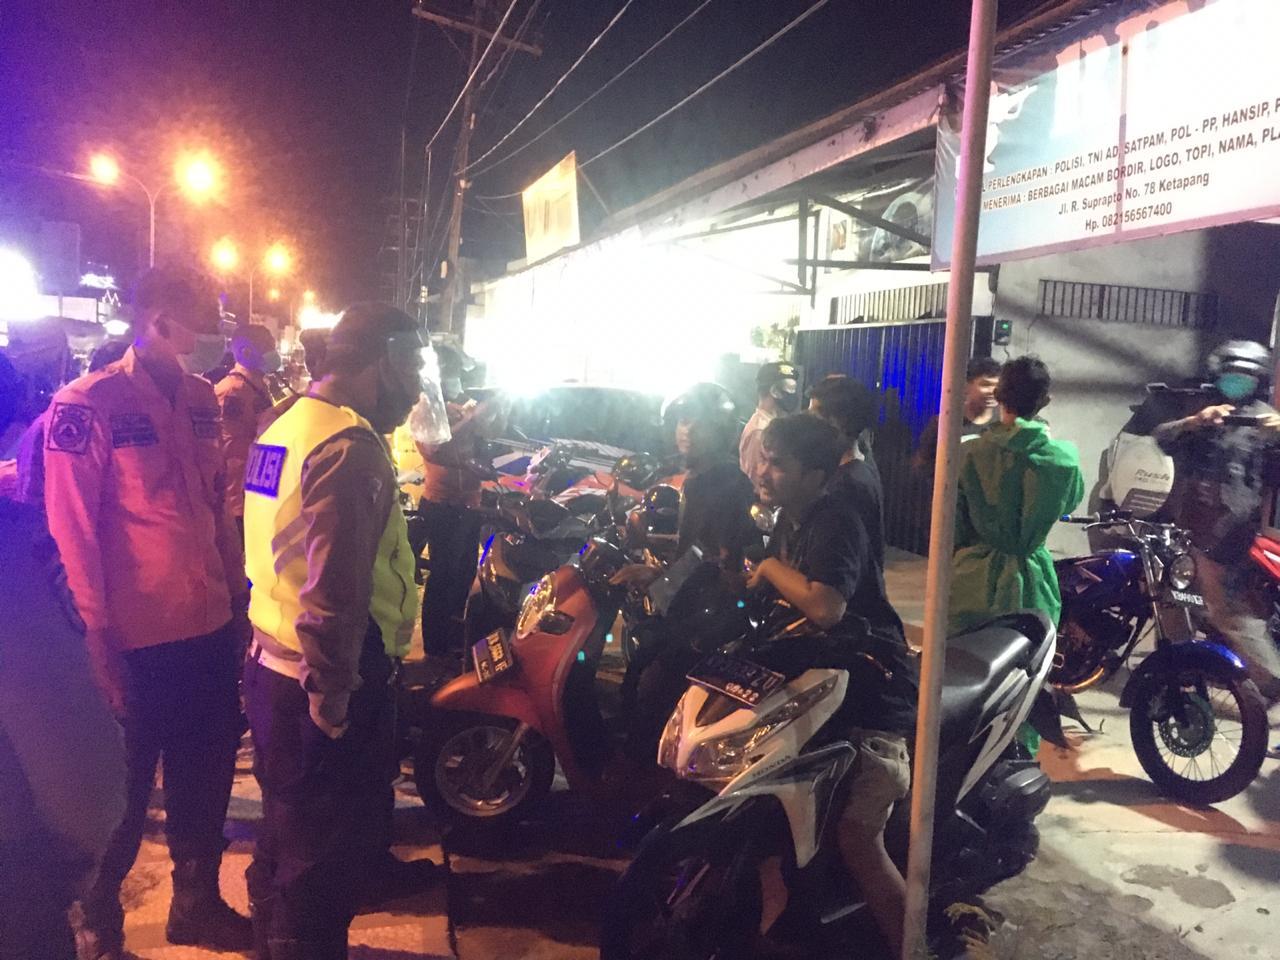 Cegah Penyebaran Corona, Tim Gabungan Gugus Tugas di Ketapang Patroli Bubarkan Kerumunan Warga